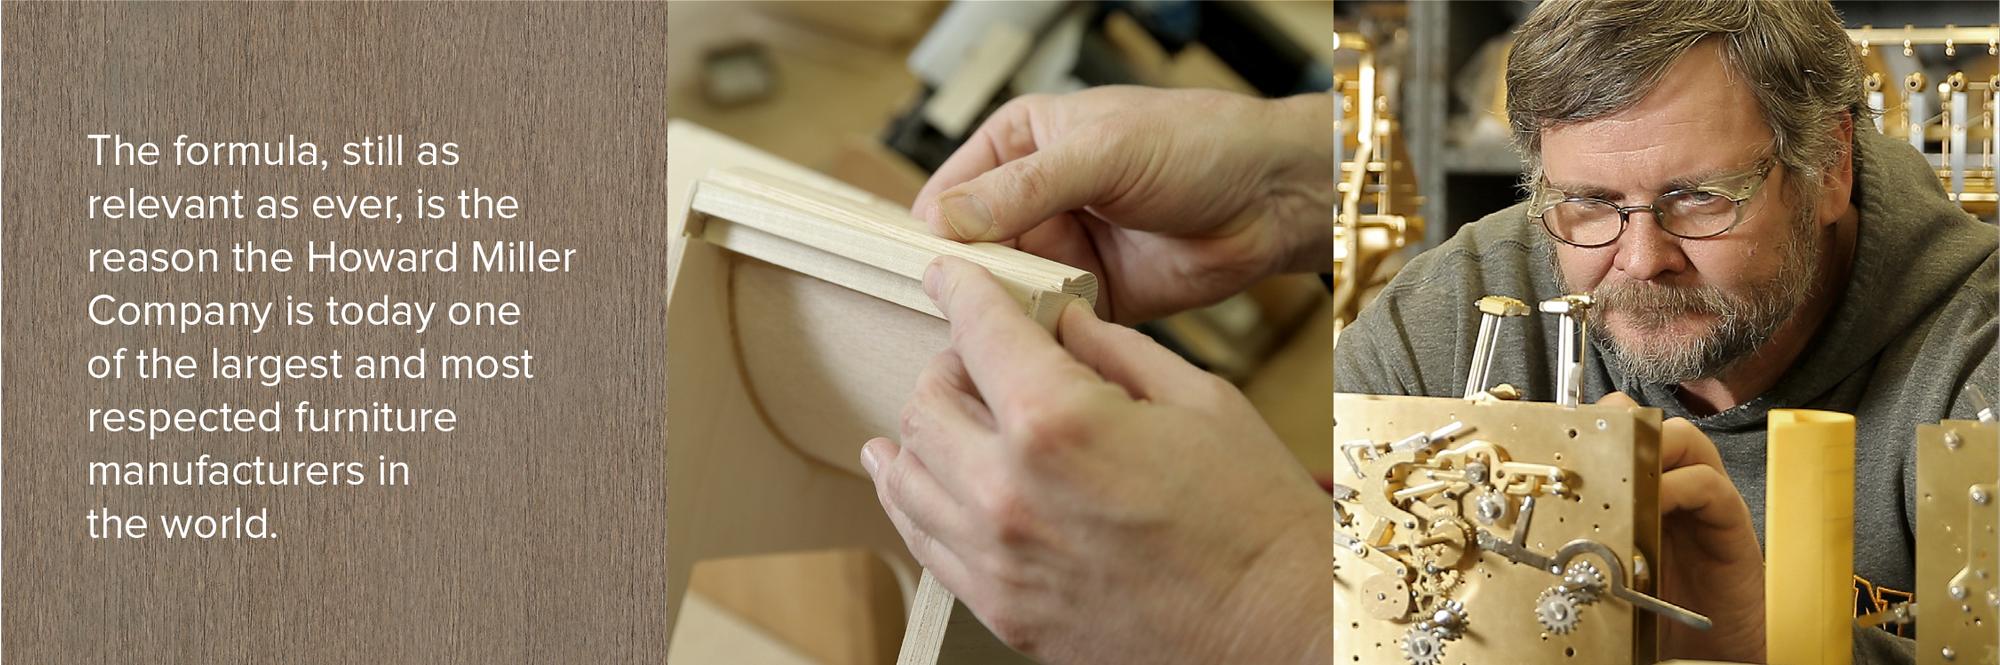 Howard Miller is a Respected Furniture Manufacturer